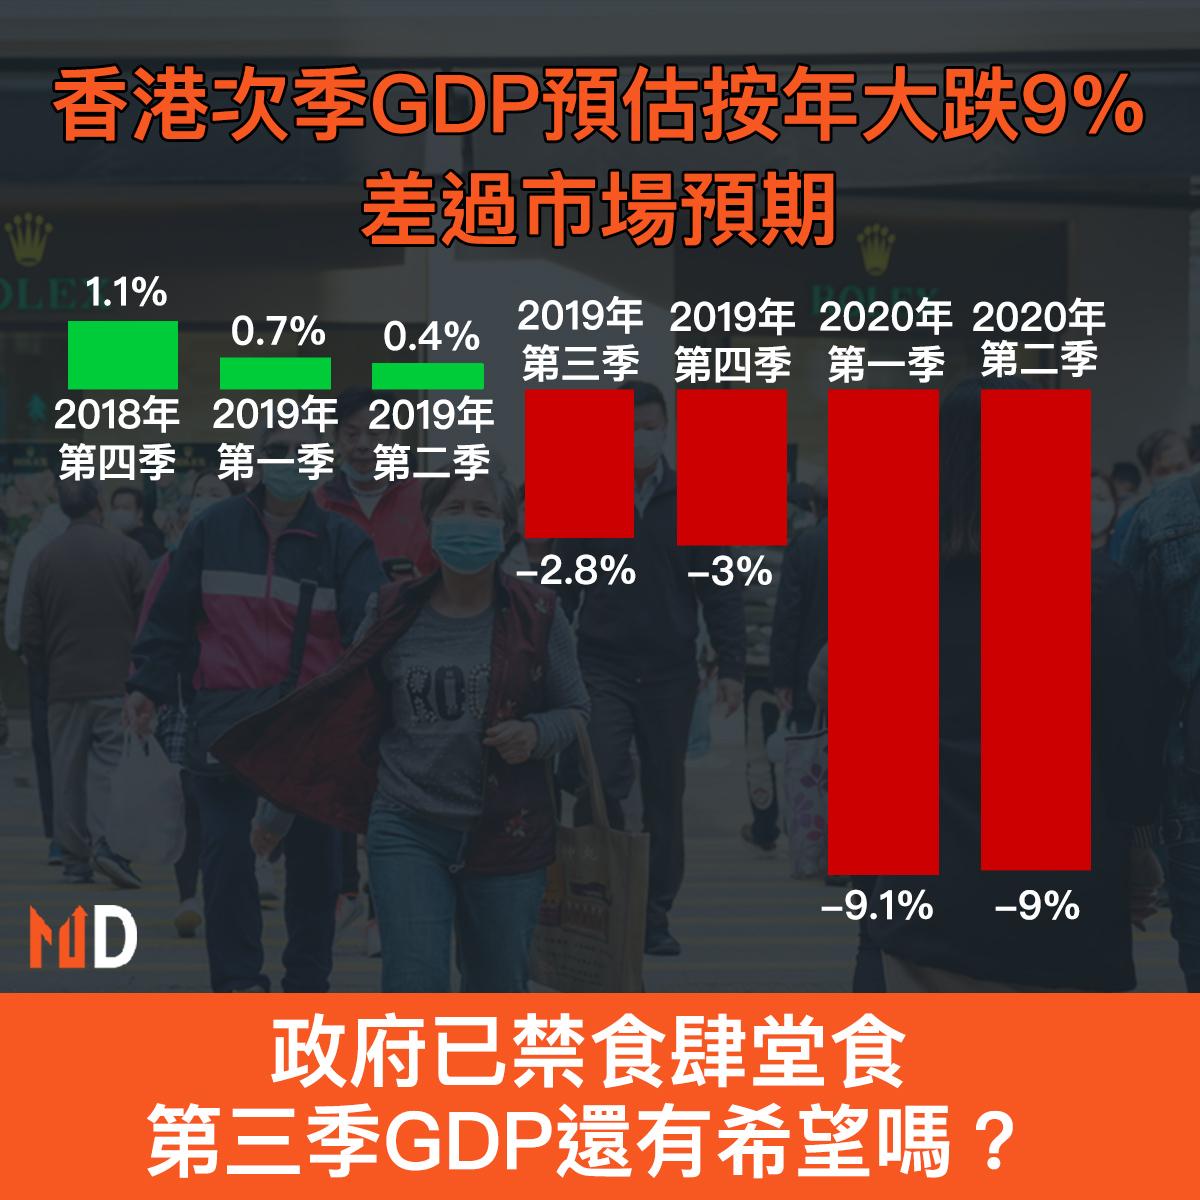 【市場熱話】香港次季GDP預估按年下跌9%,差過市場預期